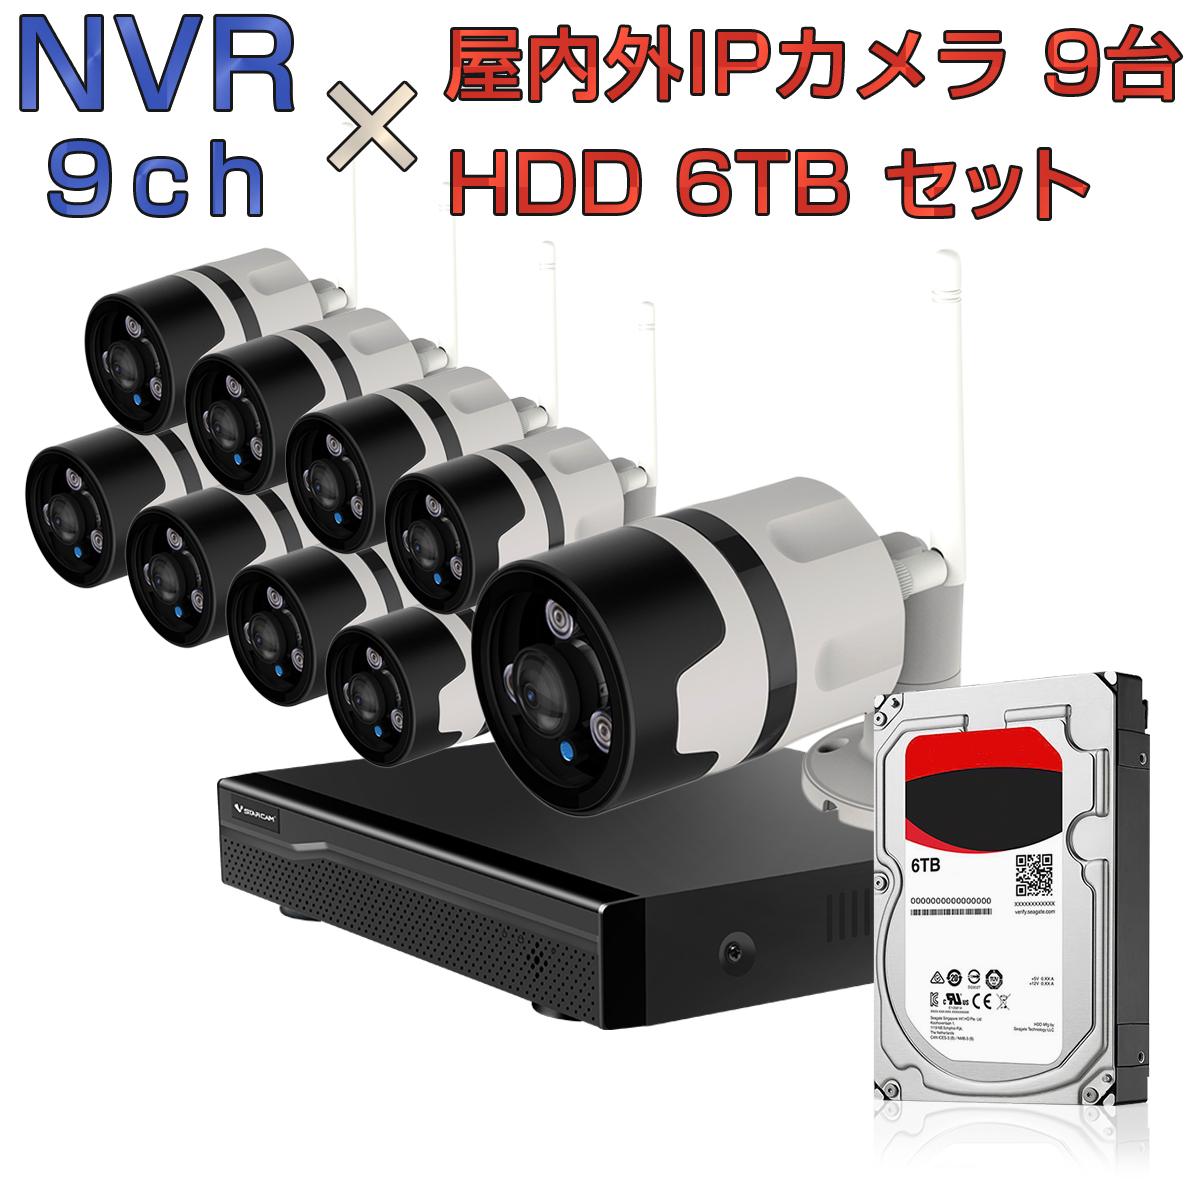 NVR ネットワークビデオレコーダー 9ch HDD6TB内蔵 C63S 2K 1080P 200万画素カメラ 9台セット IP ONVIF形式 スマホ対応 遠隔監視 1080P FHD 動体検知 同時出力 録音対応 H.265+ IPカメラレコーダー監視システム 宅配便送料無料 1年保証